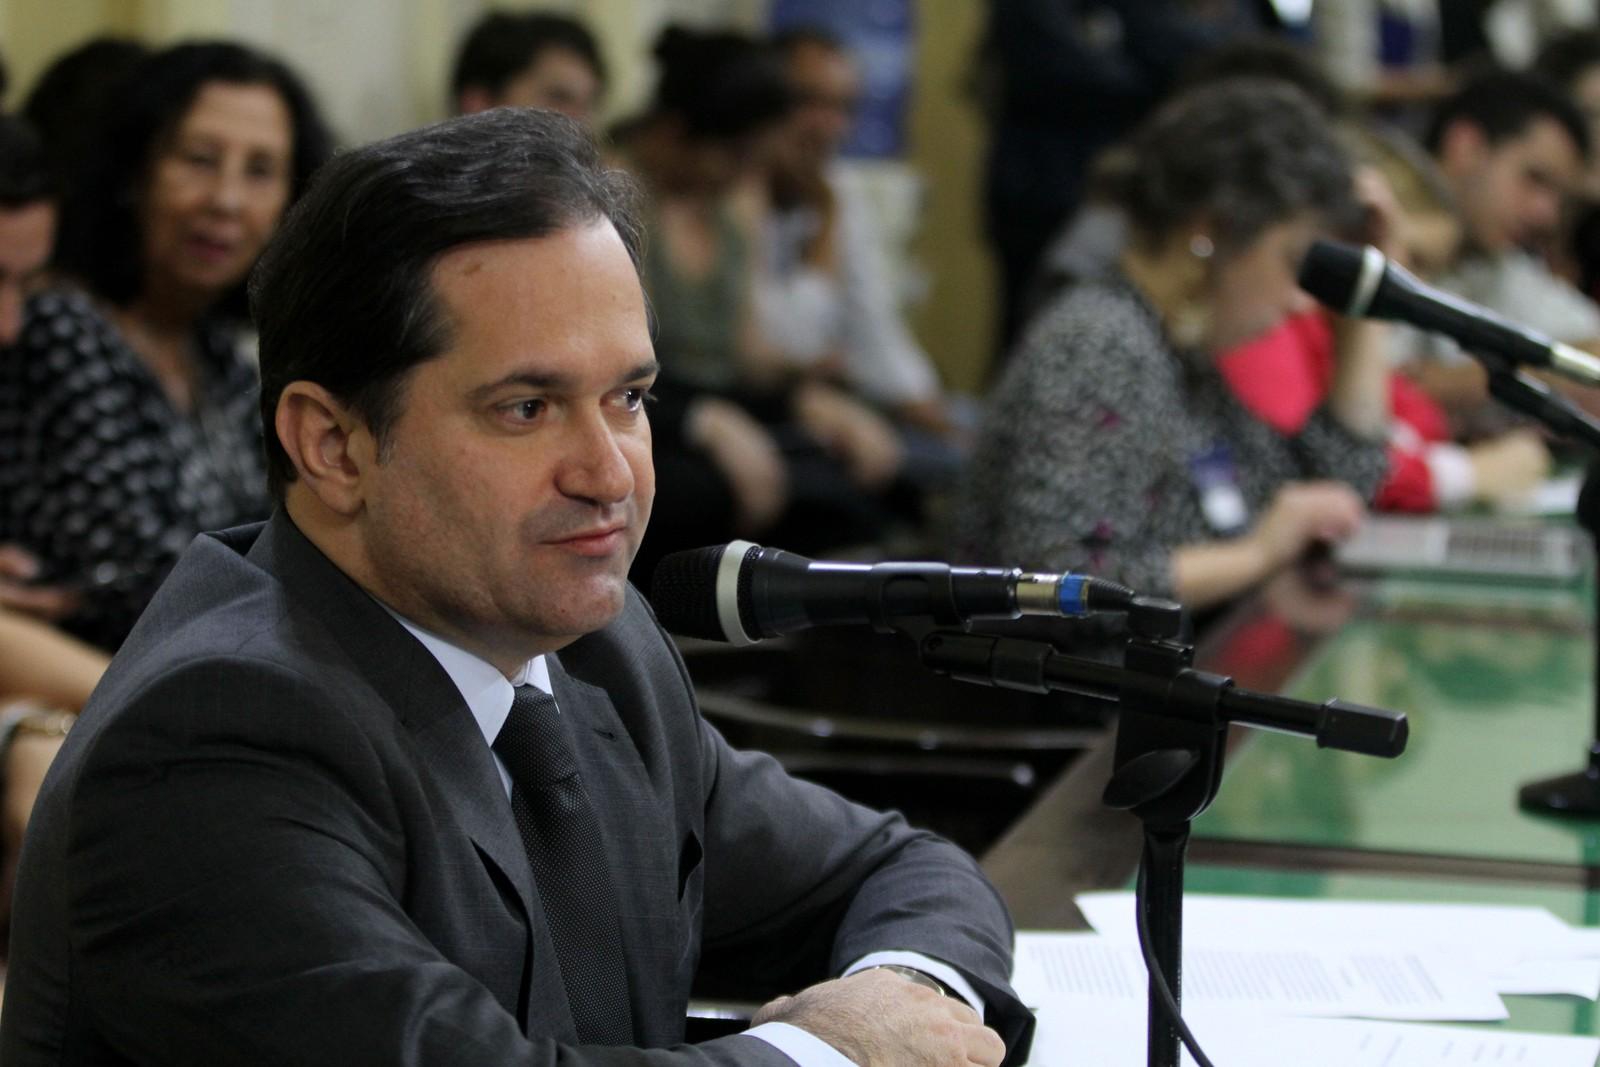 Ministra pede relatório sobre condições de presídio em Goiás após rebelião